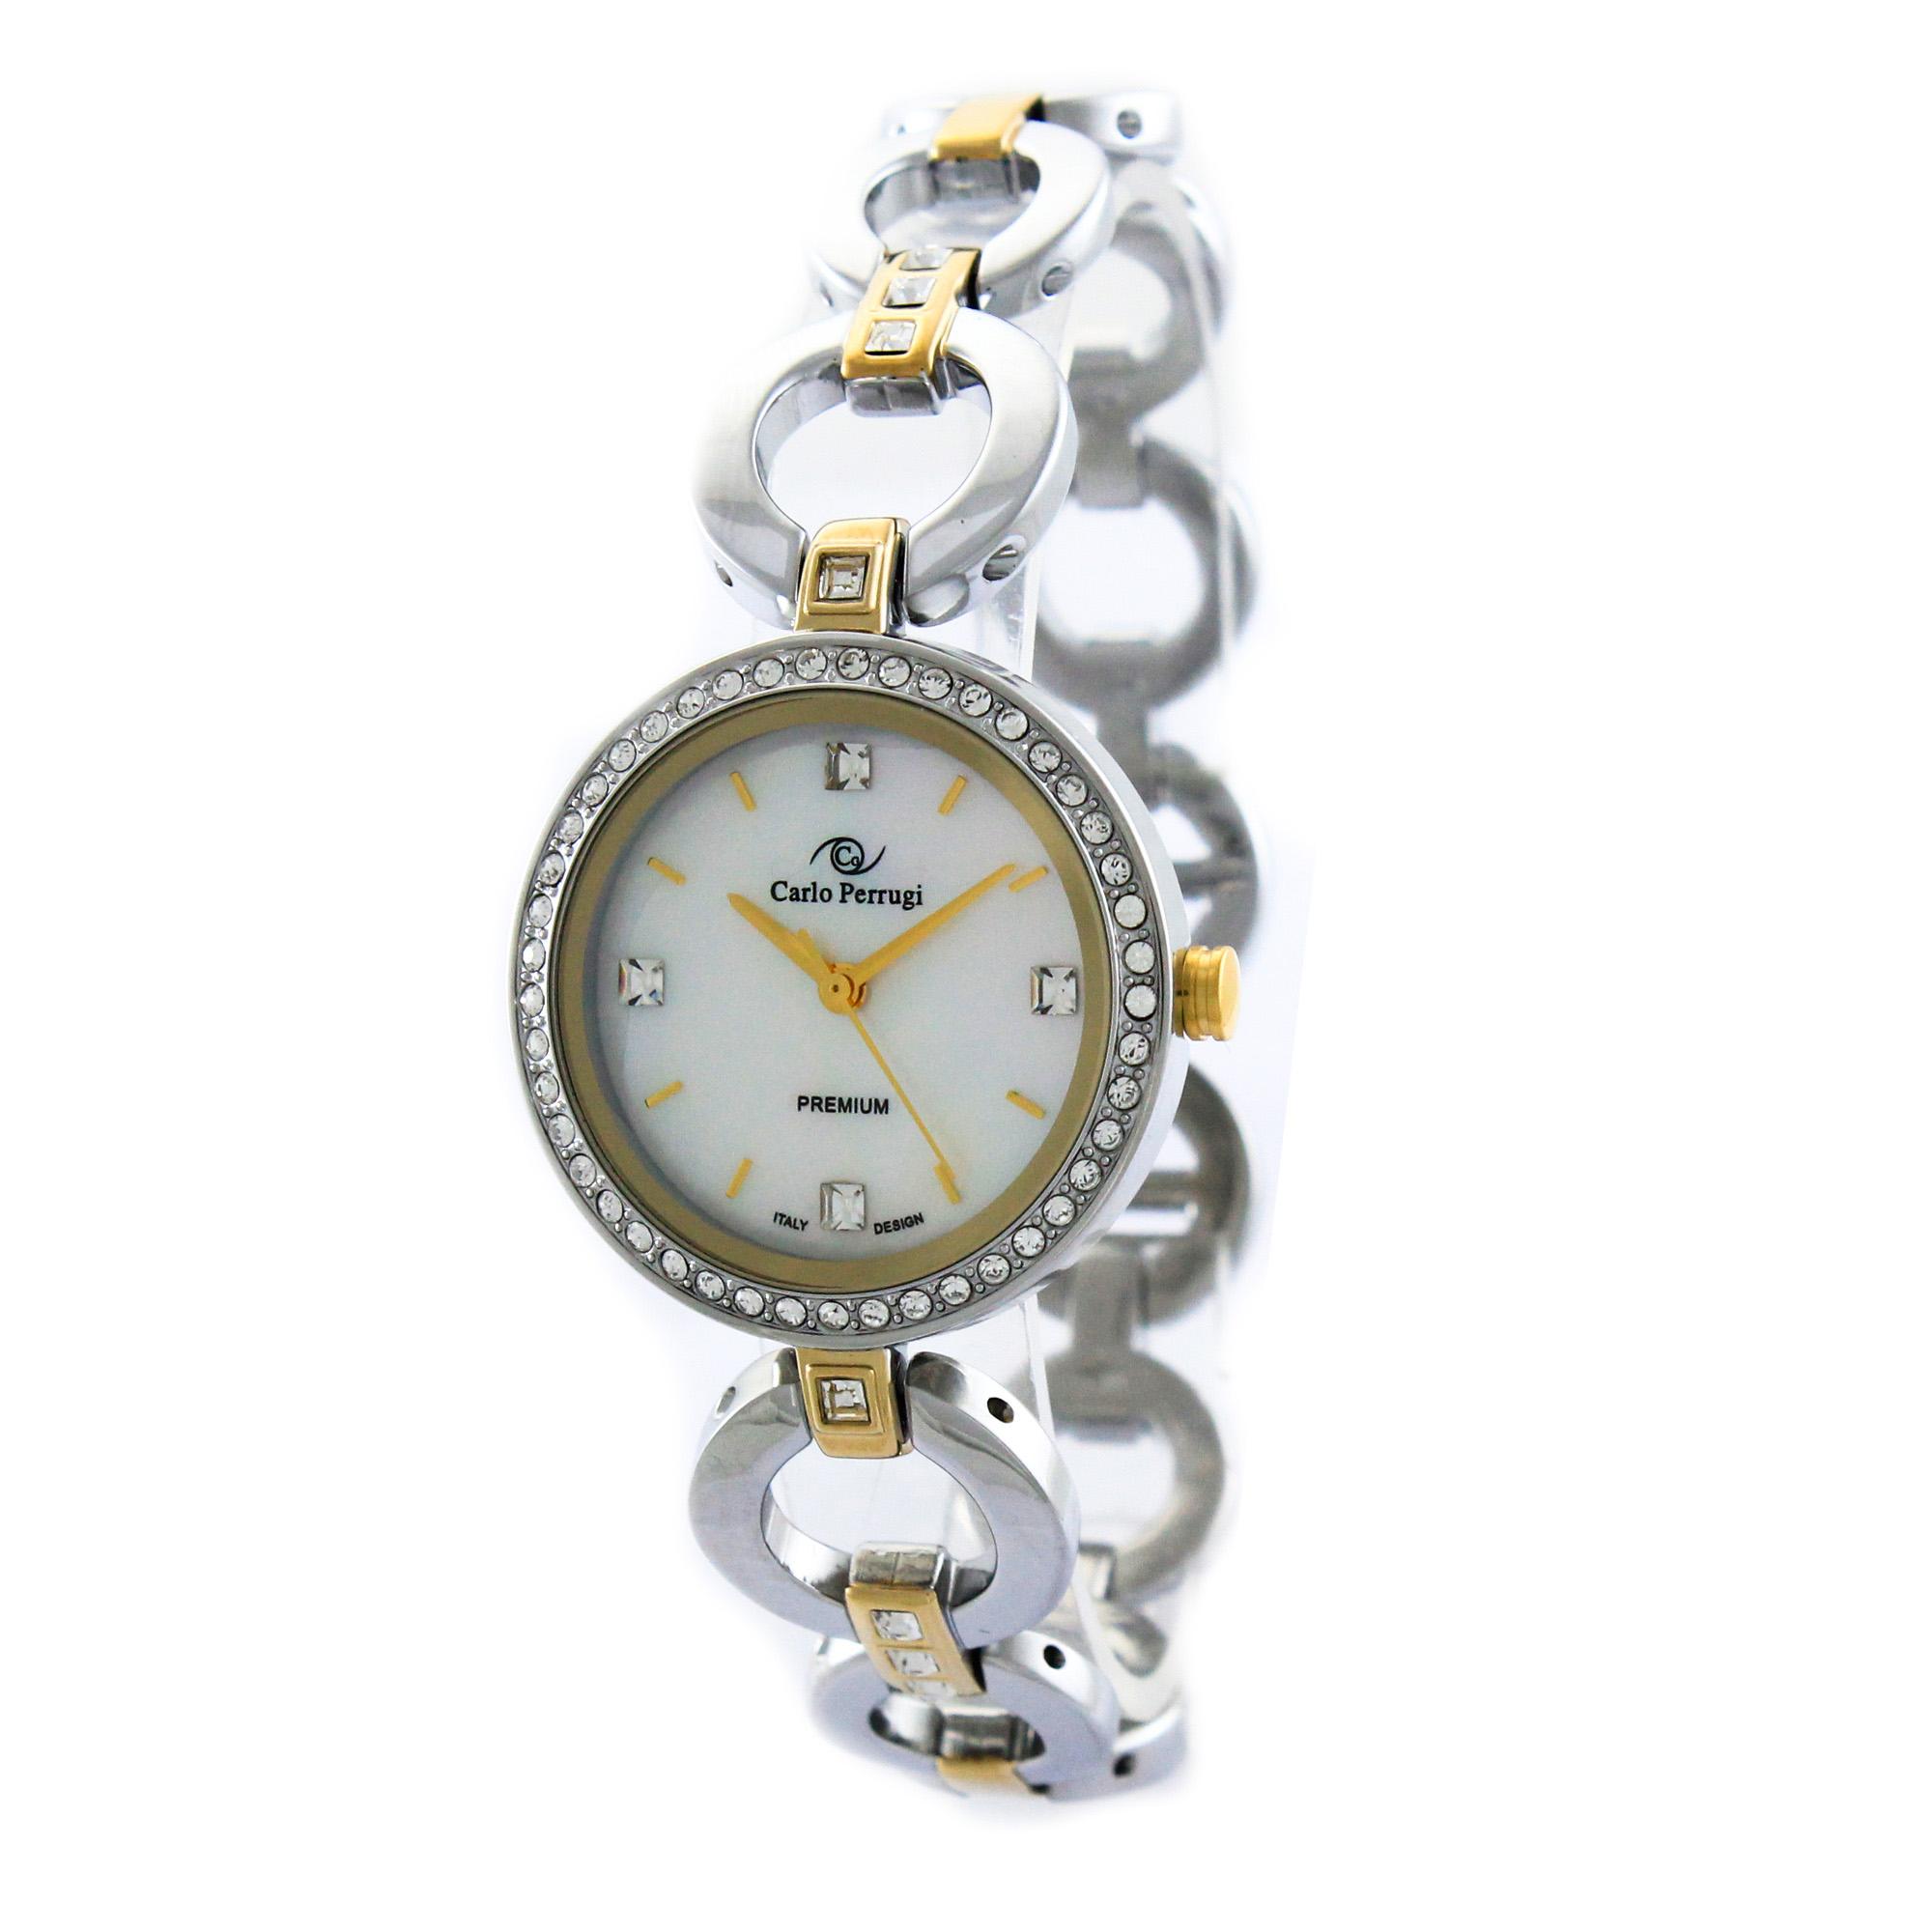 ساعت مچی عقربه ای زنانه کارلو پروجی مدل SL002010-2 29